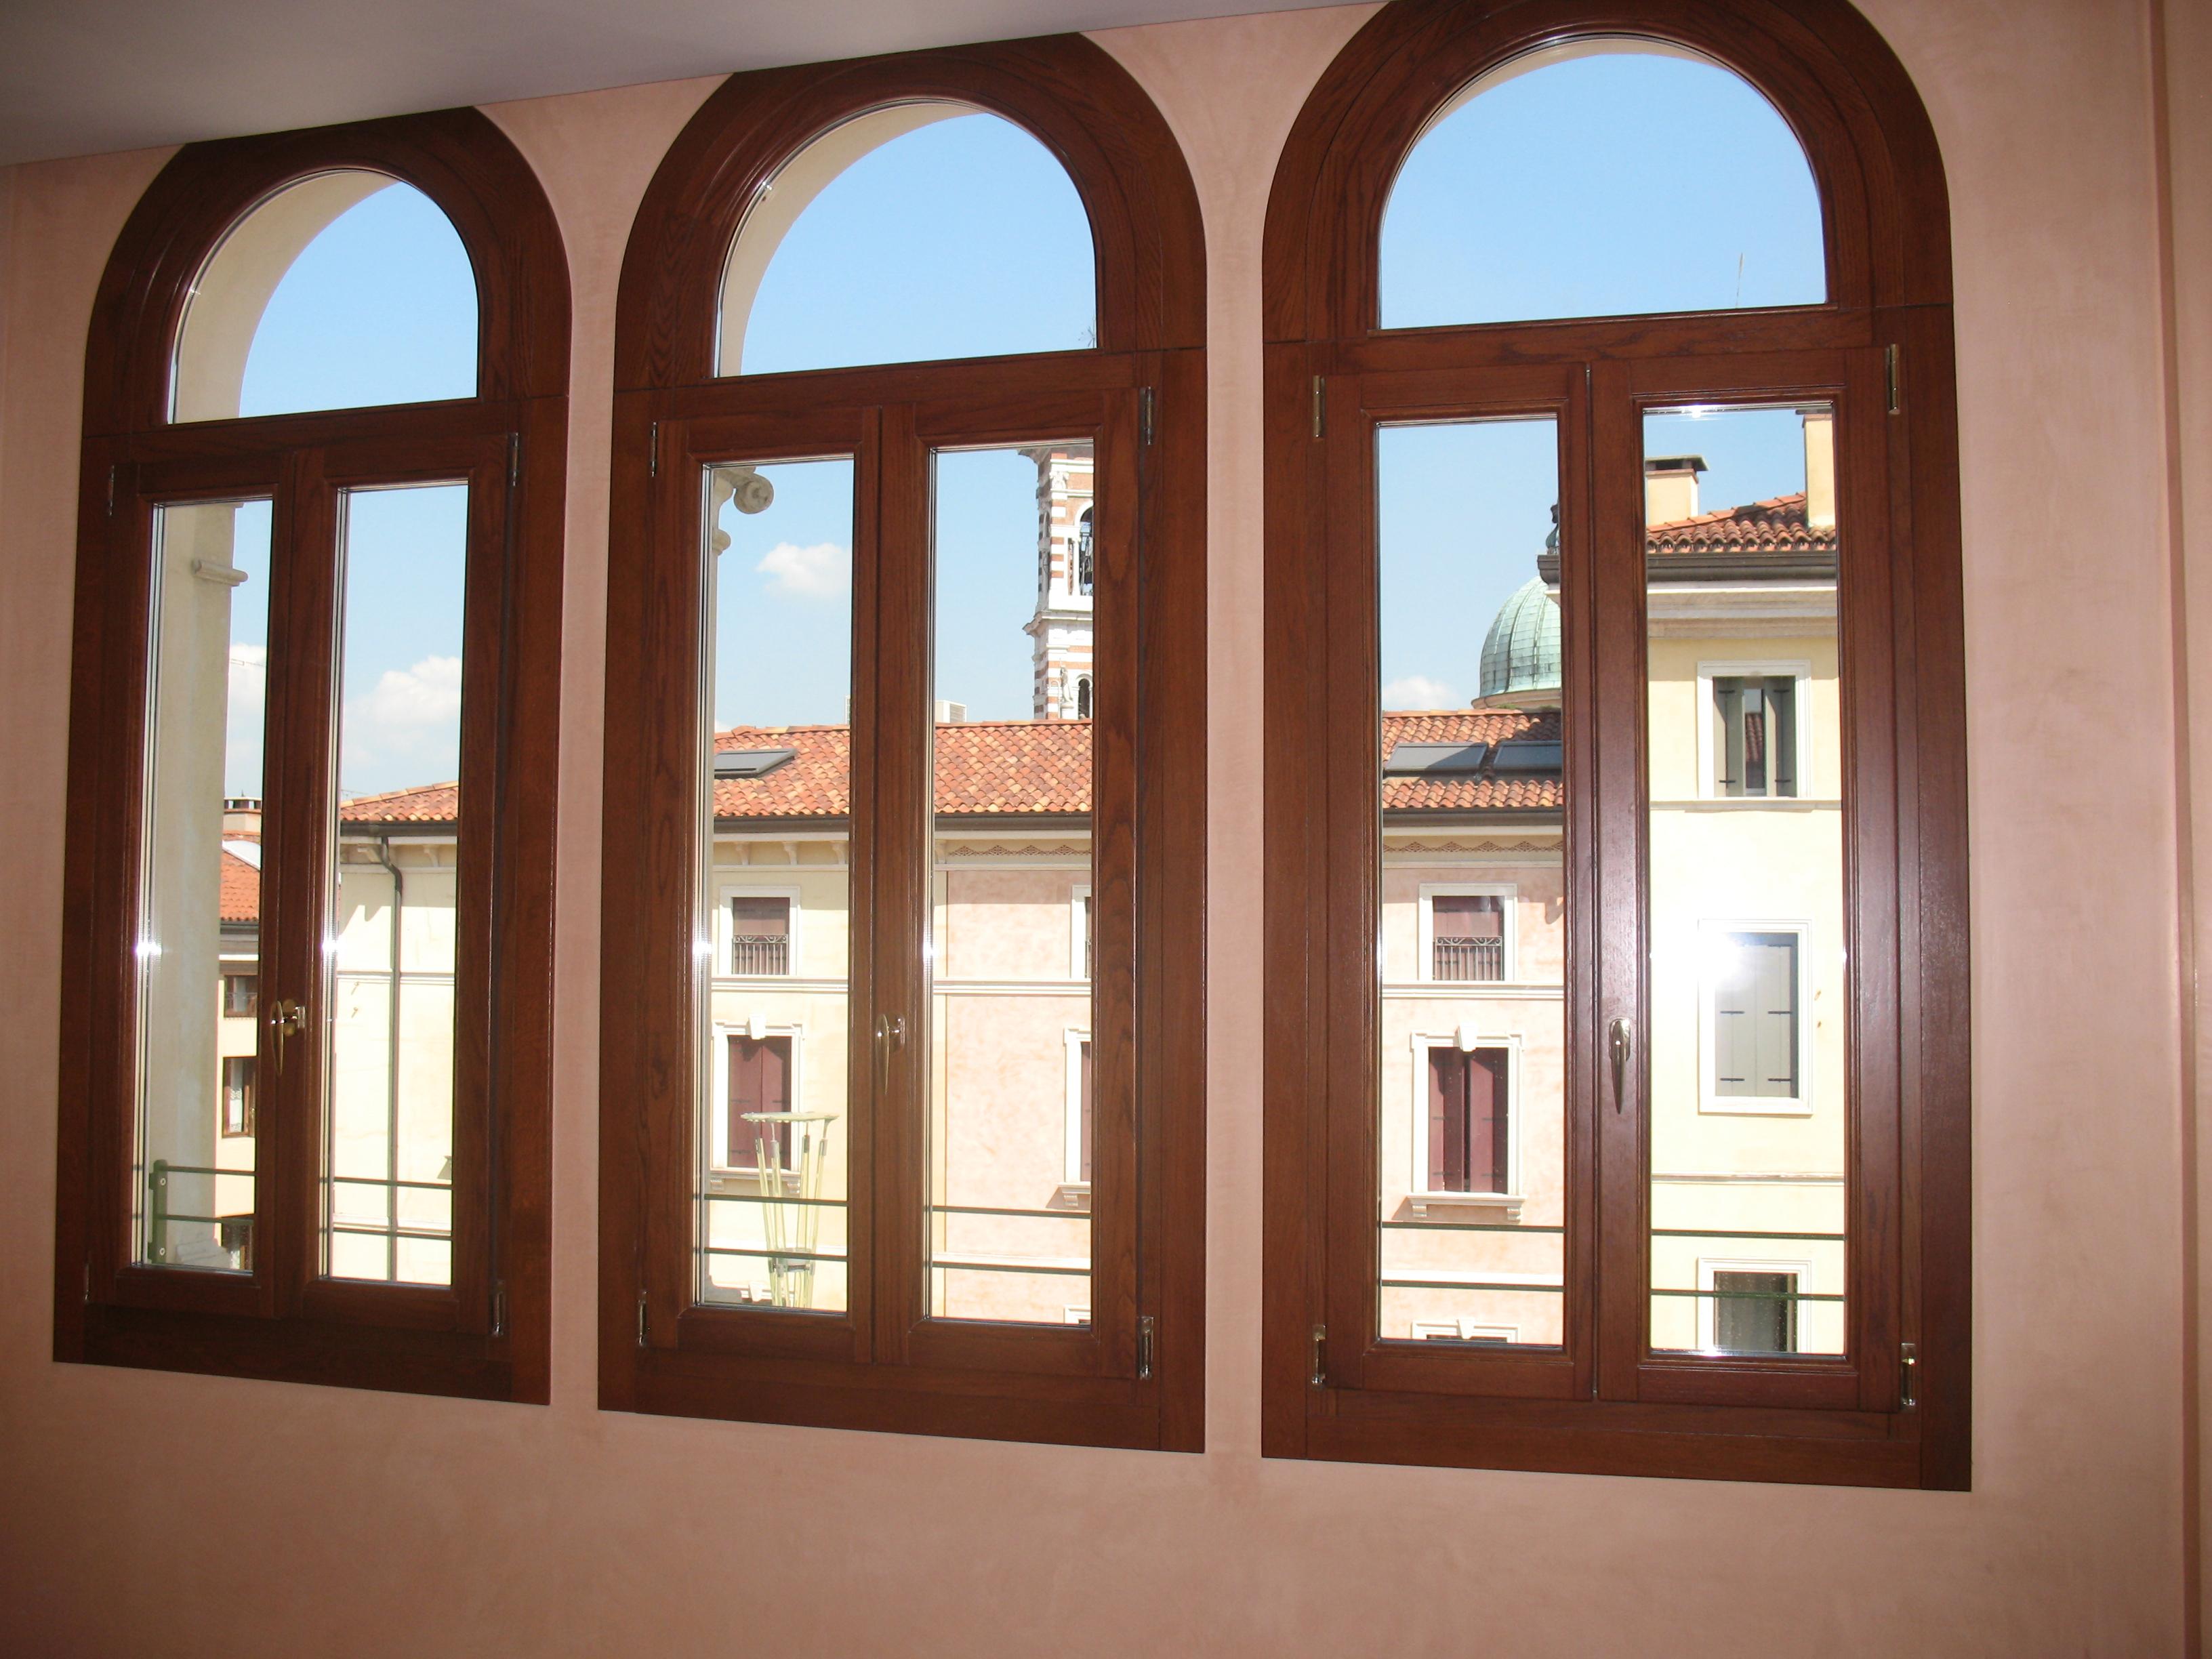 image gallery imagenes de ventanas